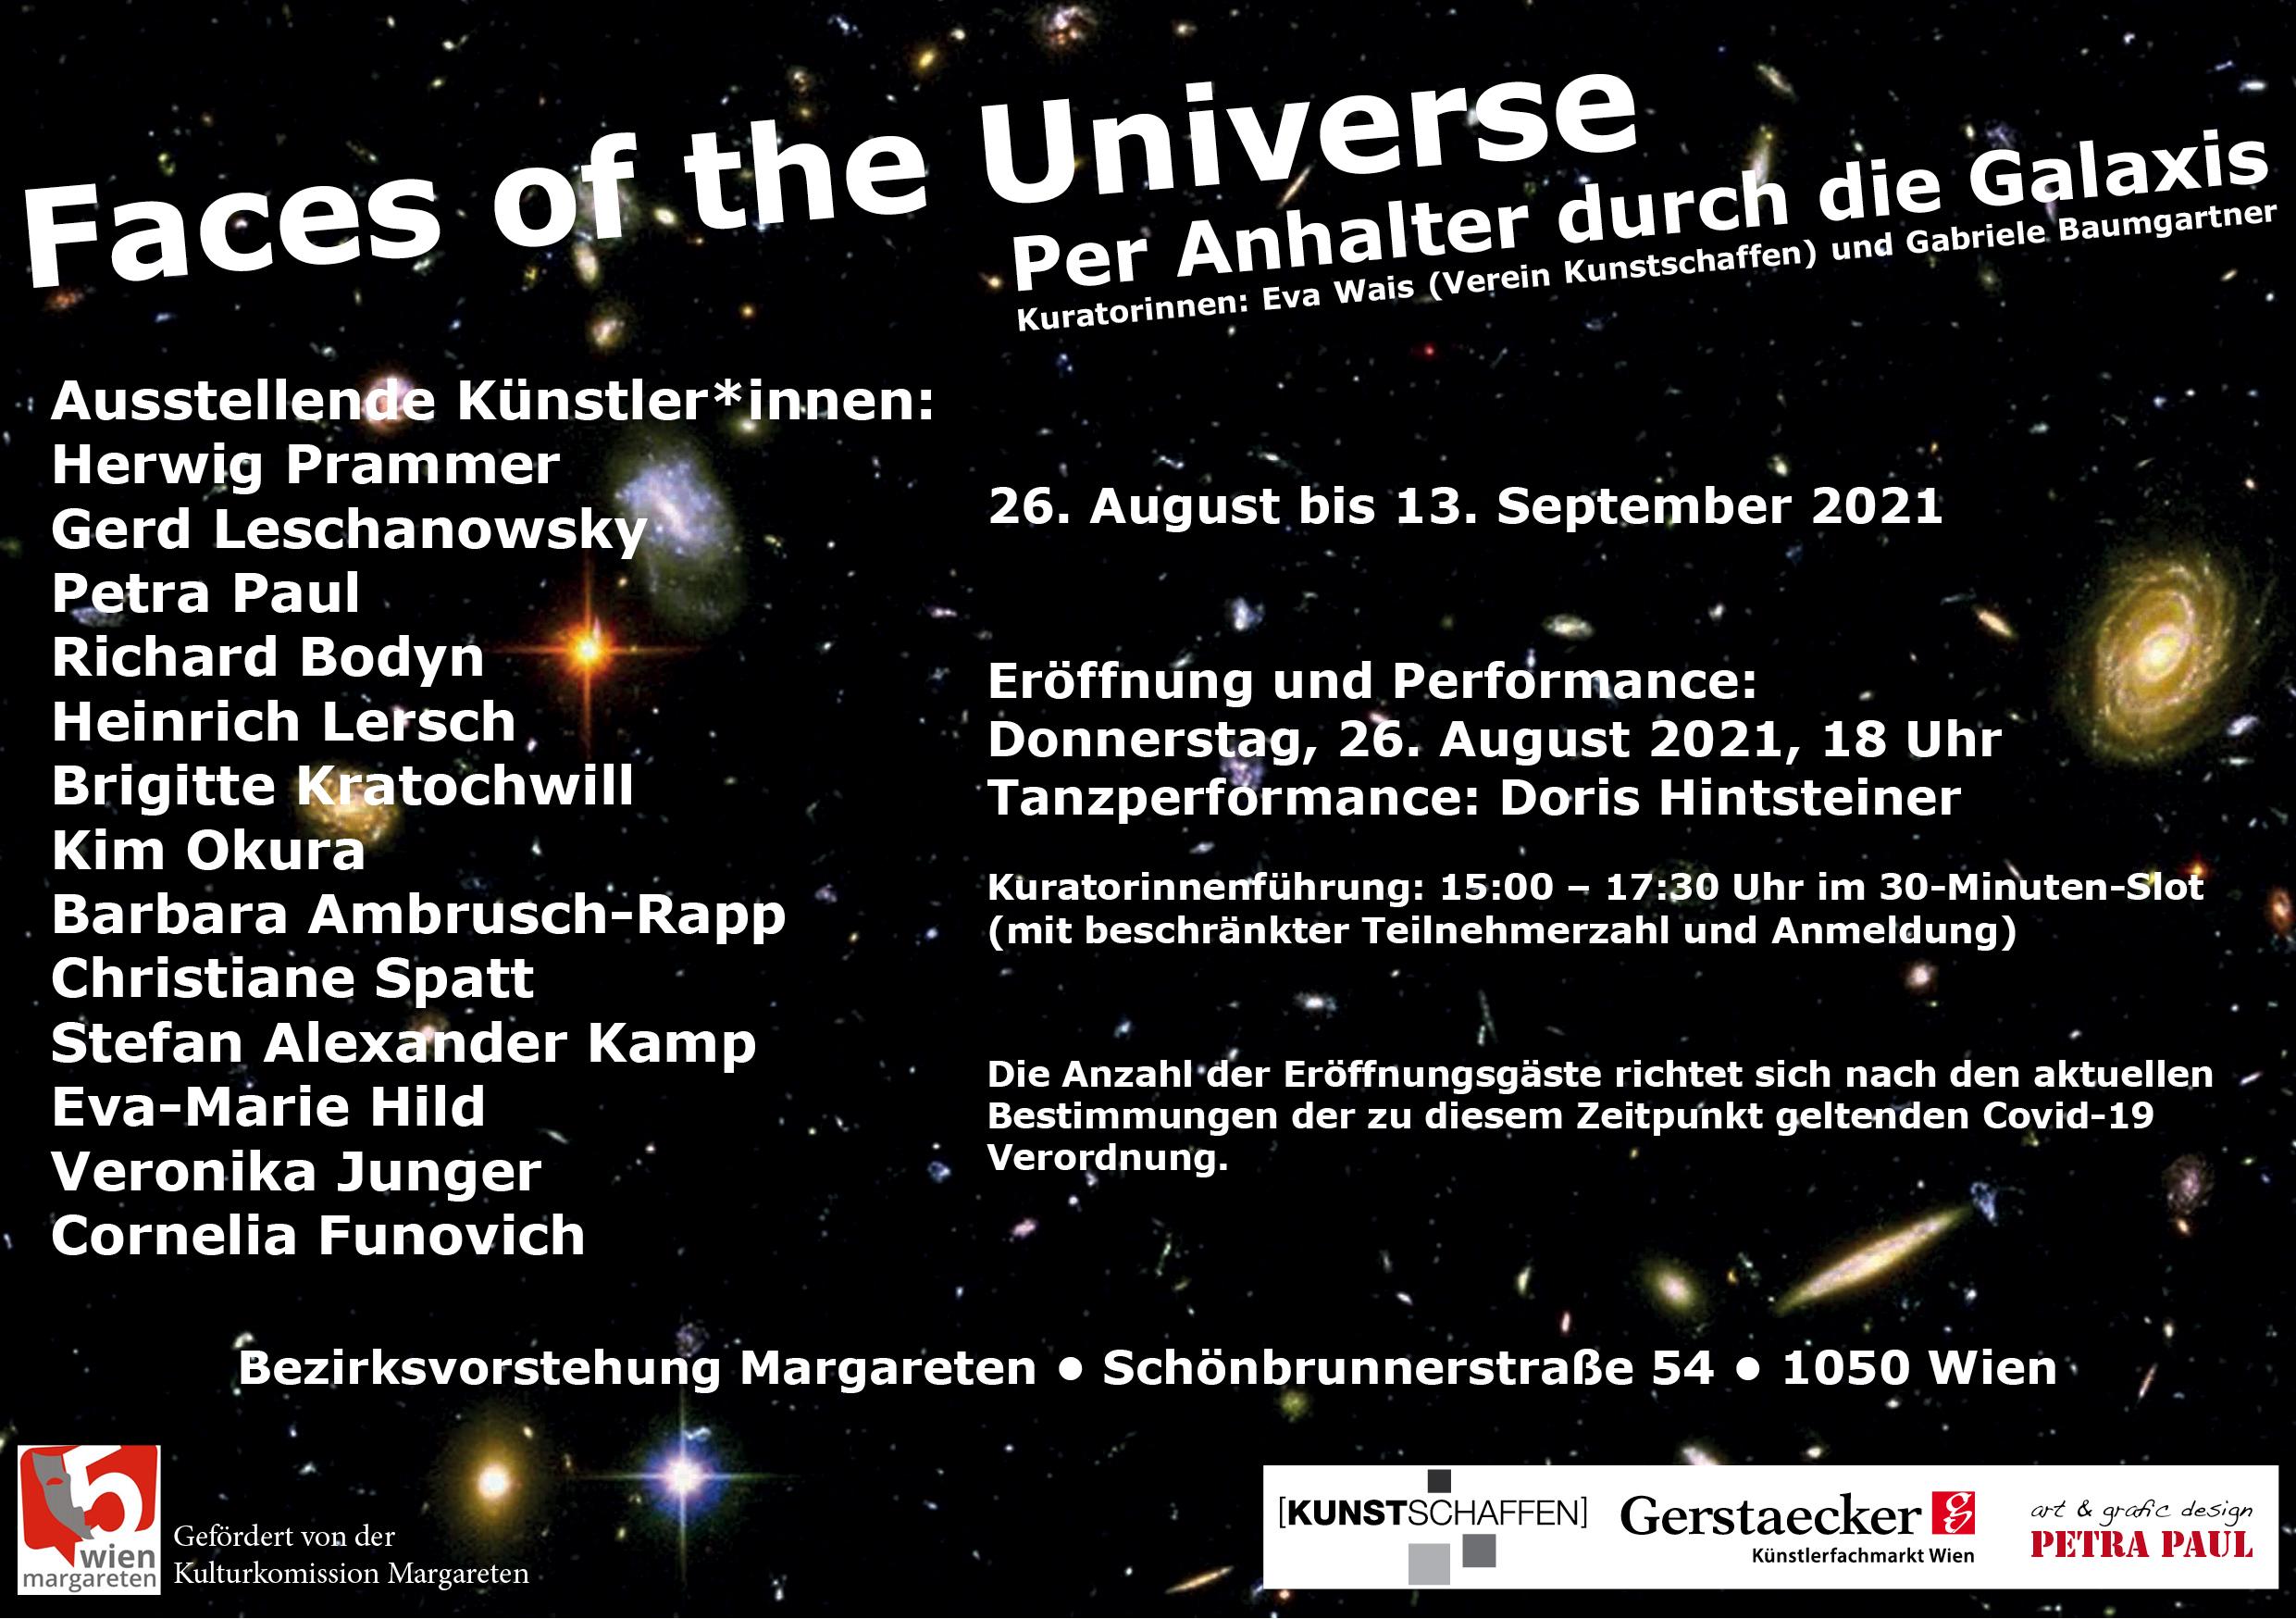 Exhibition Flyer - Faces of the Universe - Group Exhibition - Kim Okura